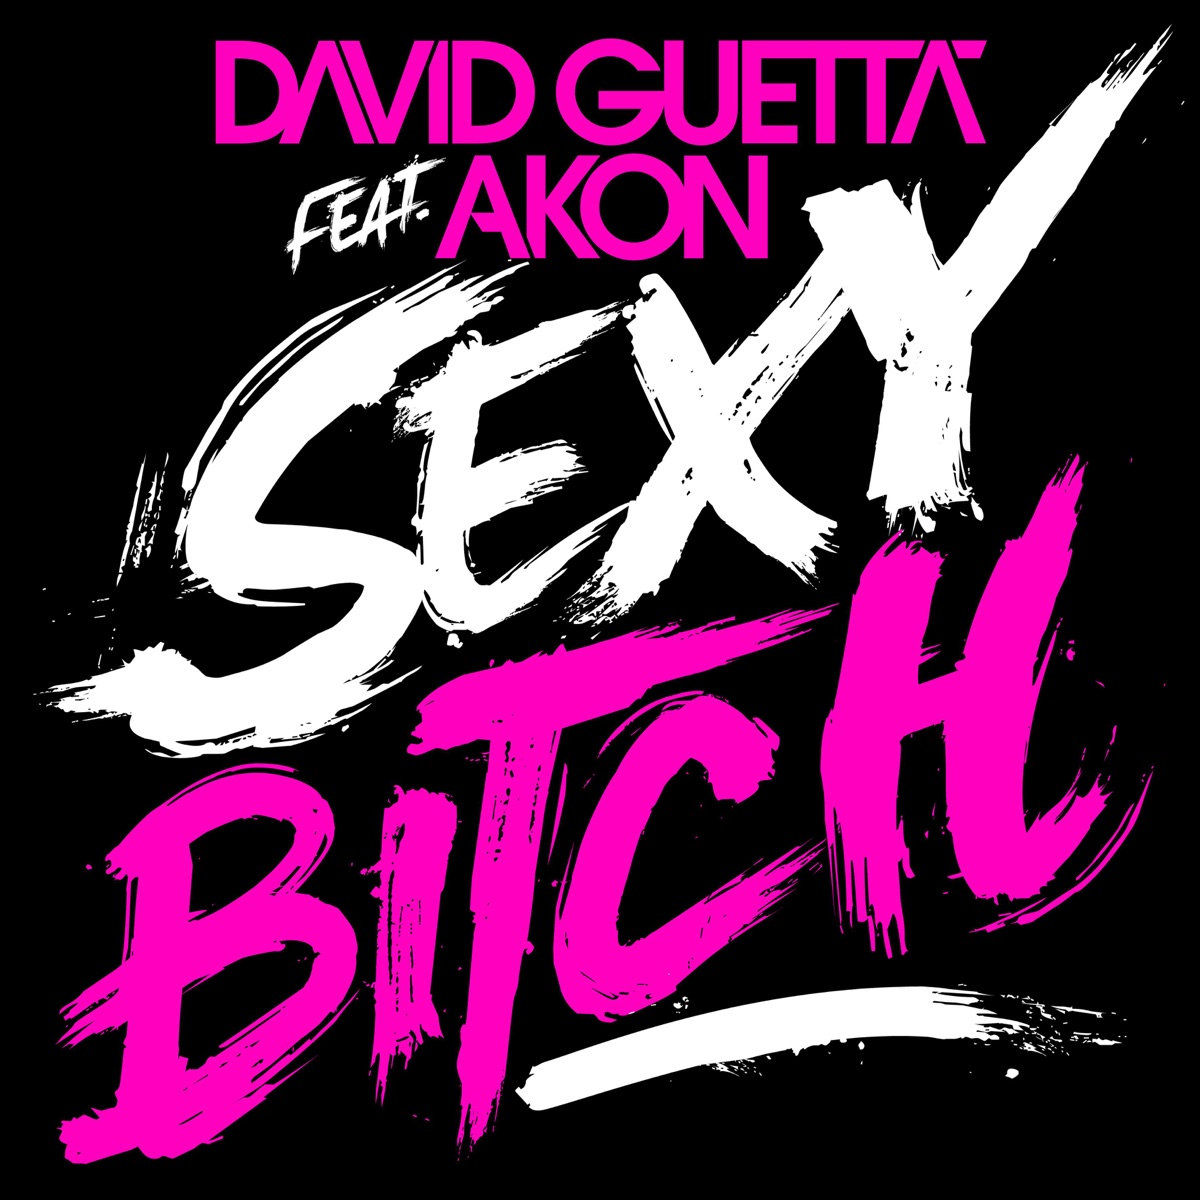 Sexy Bitch Album Cover by David Guetta